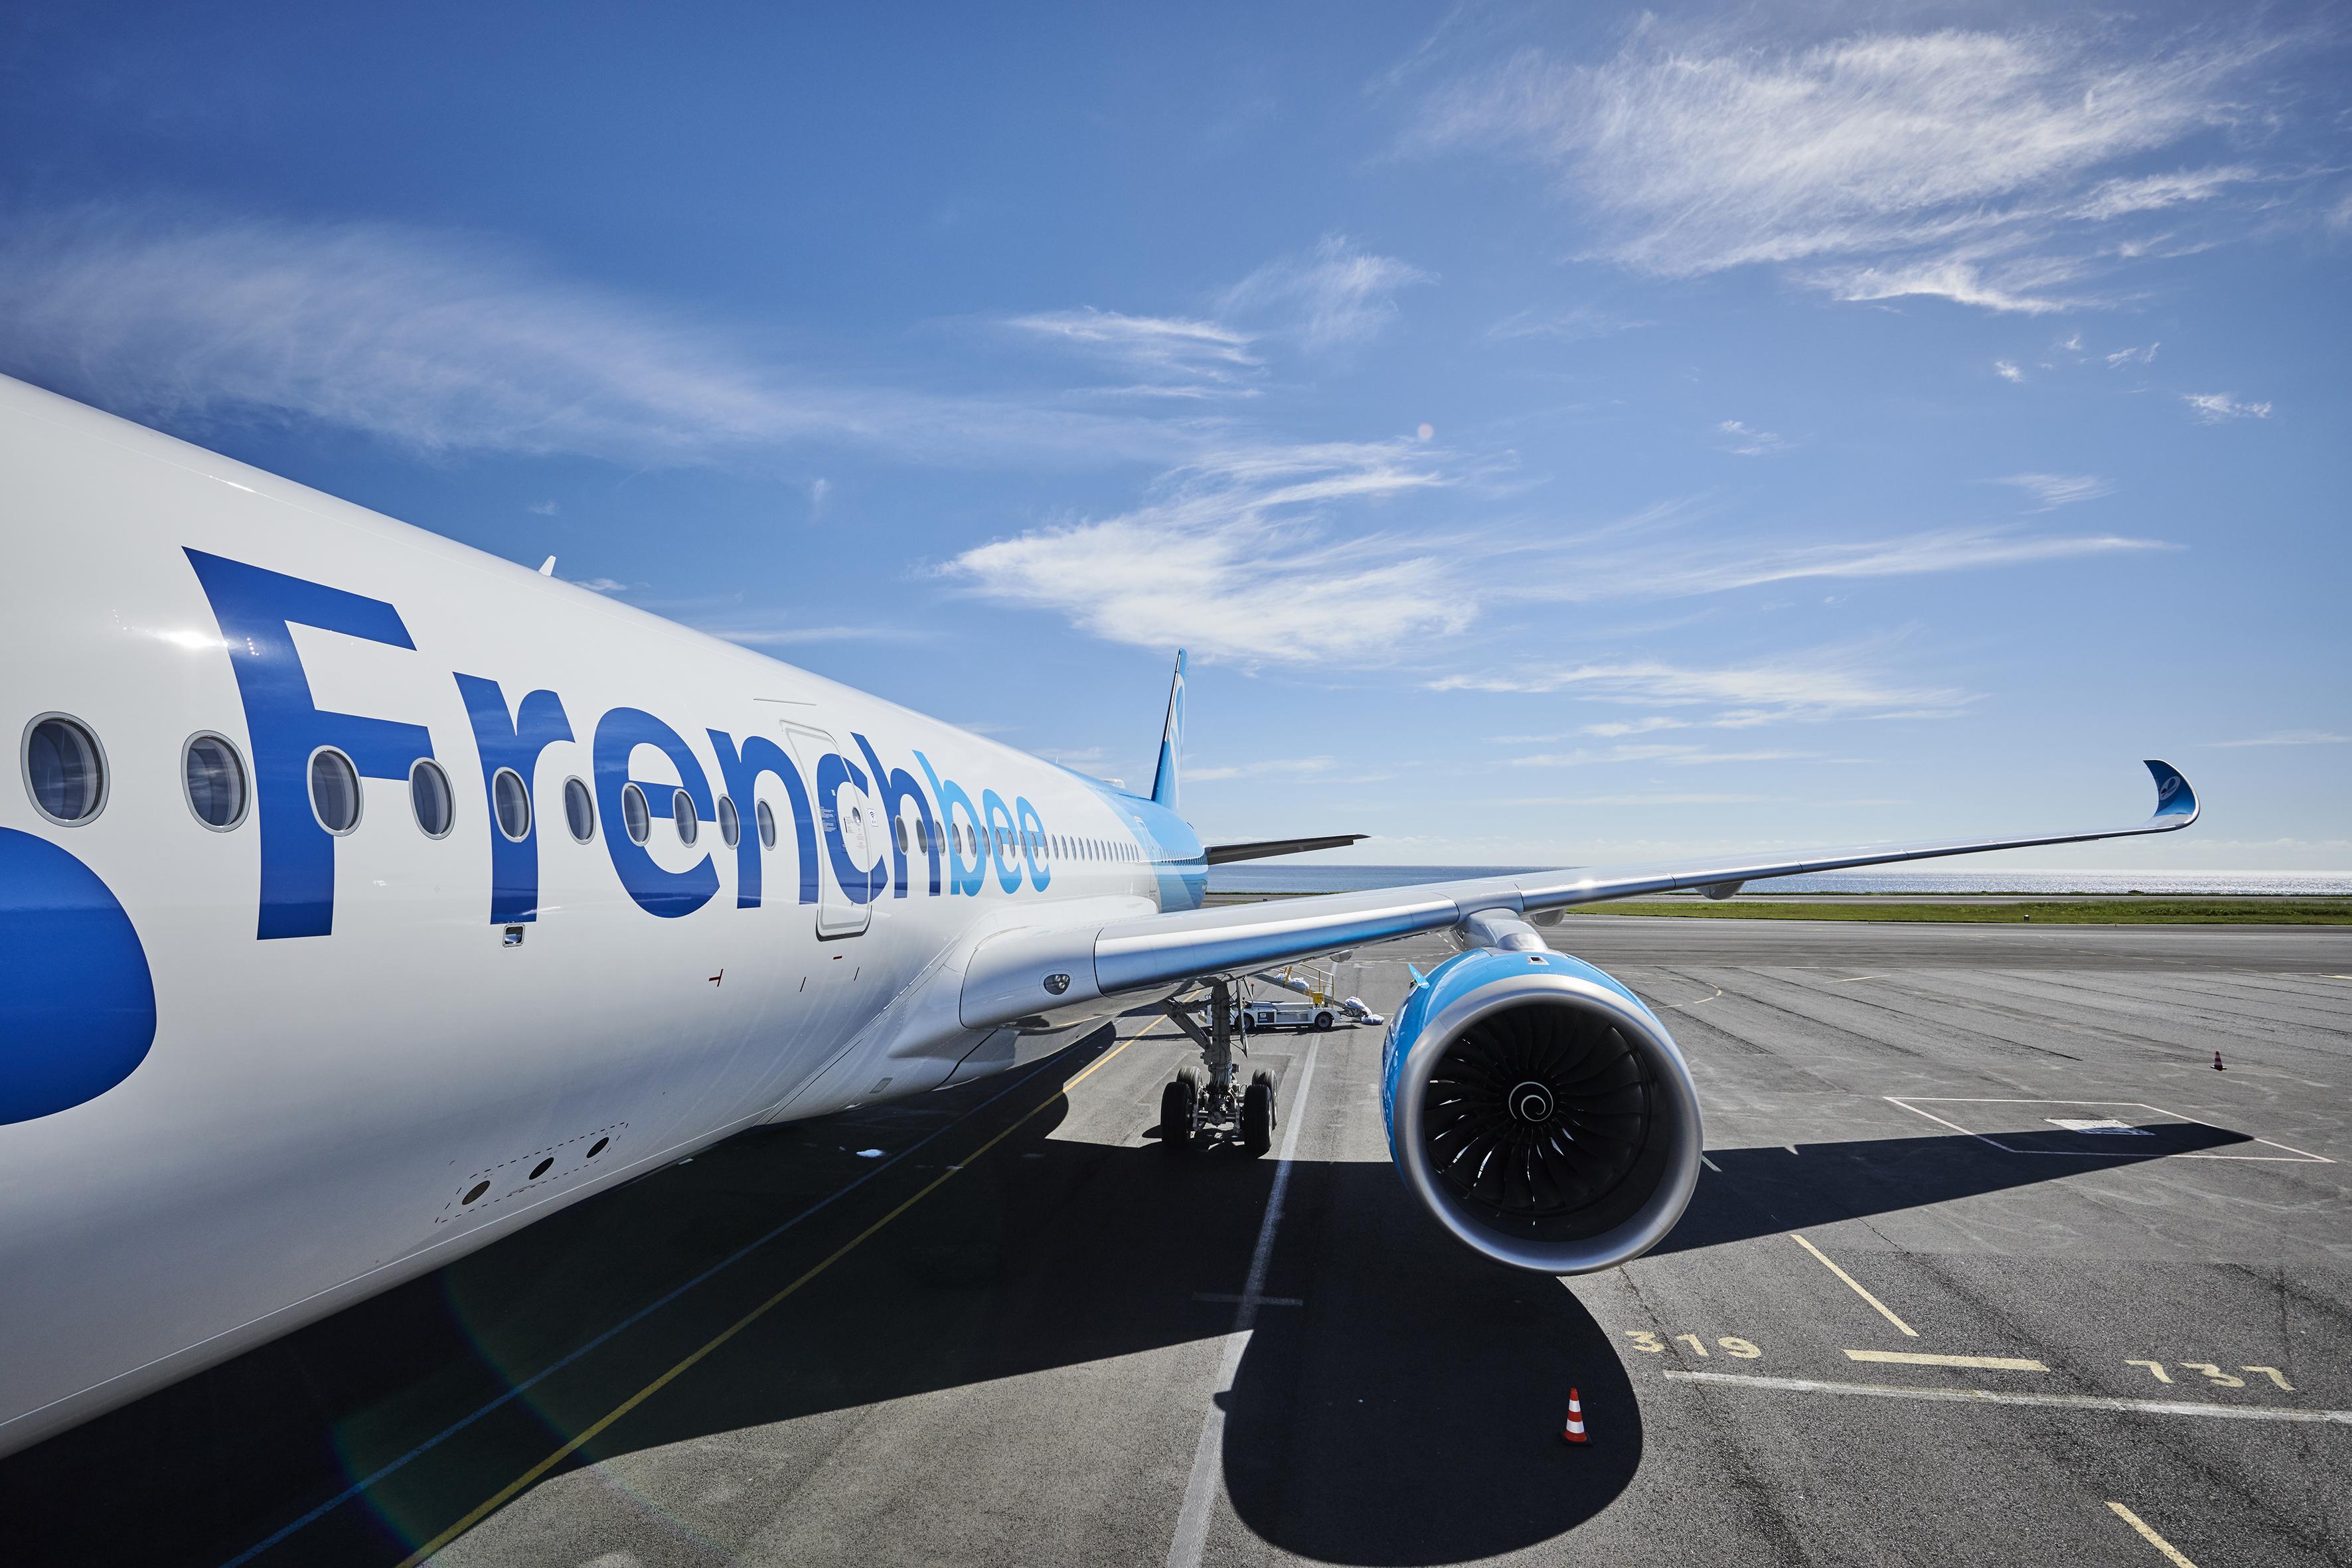 French Bee, une compagnie aérienne low-cost et long-courrier basée à Paris, a lancé sa première liaison sur la côte est des États-Unis entre l'aéroport international Newark Liberty et l'aéroport de Paris Orly.